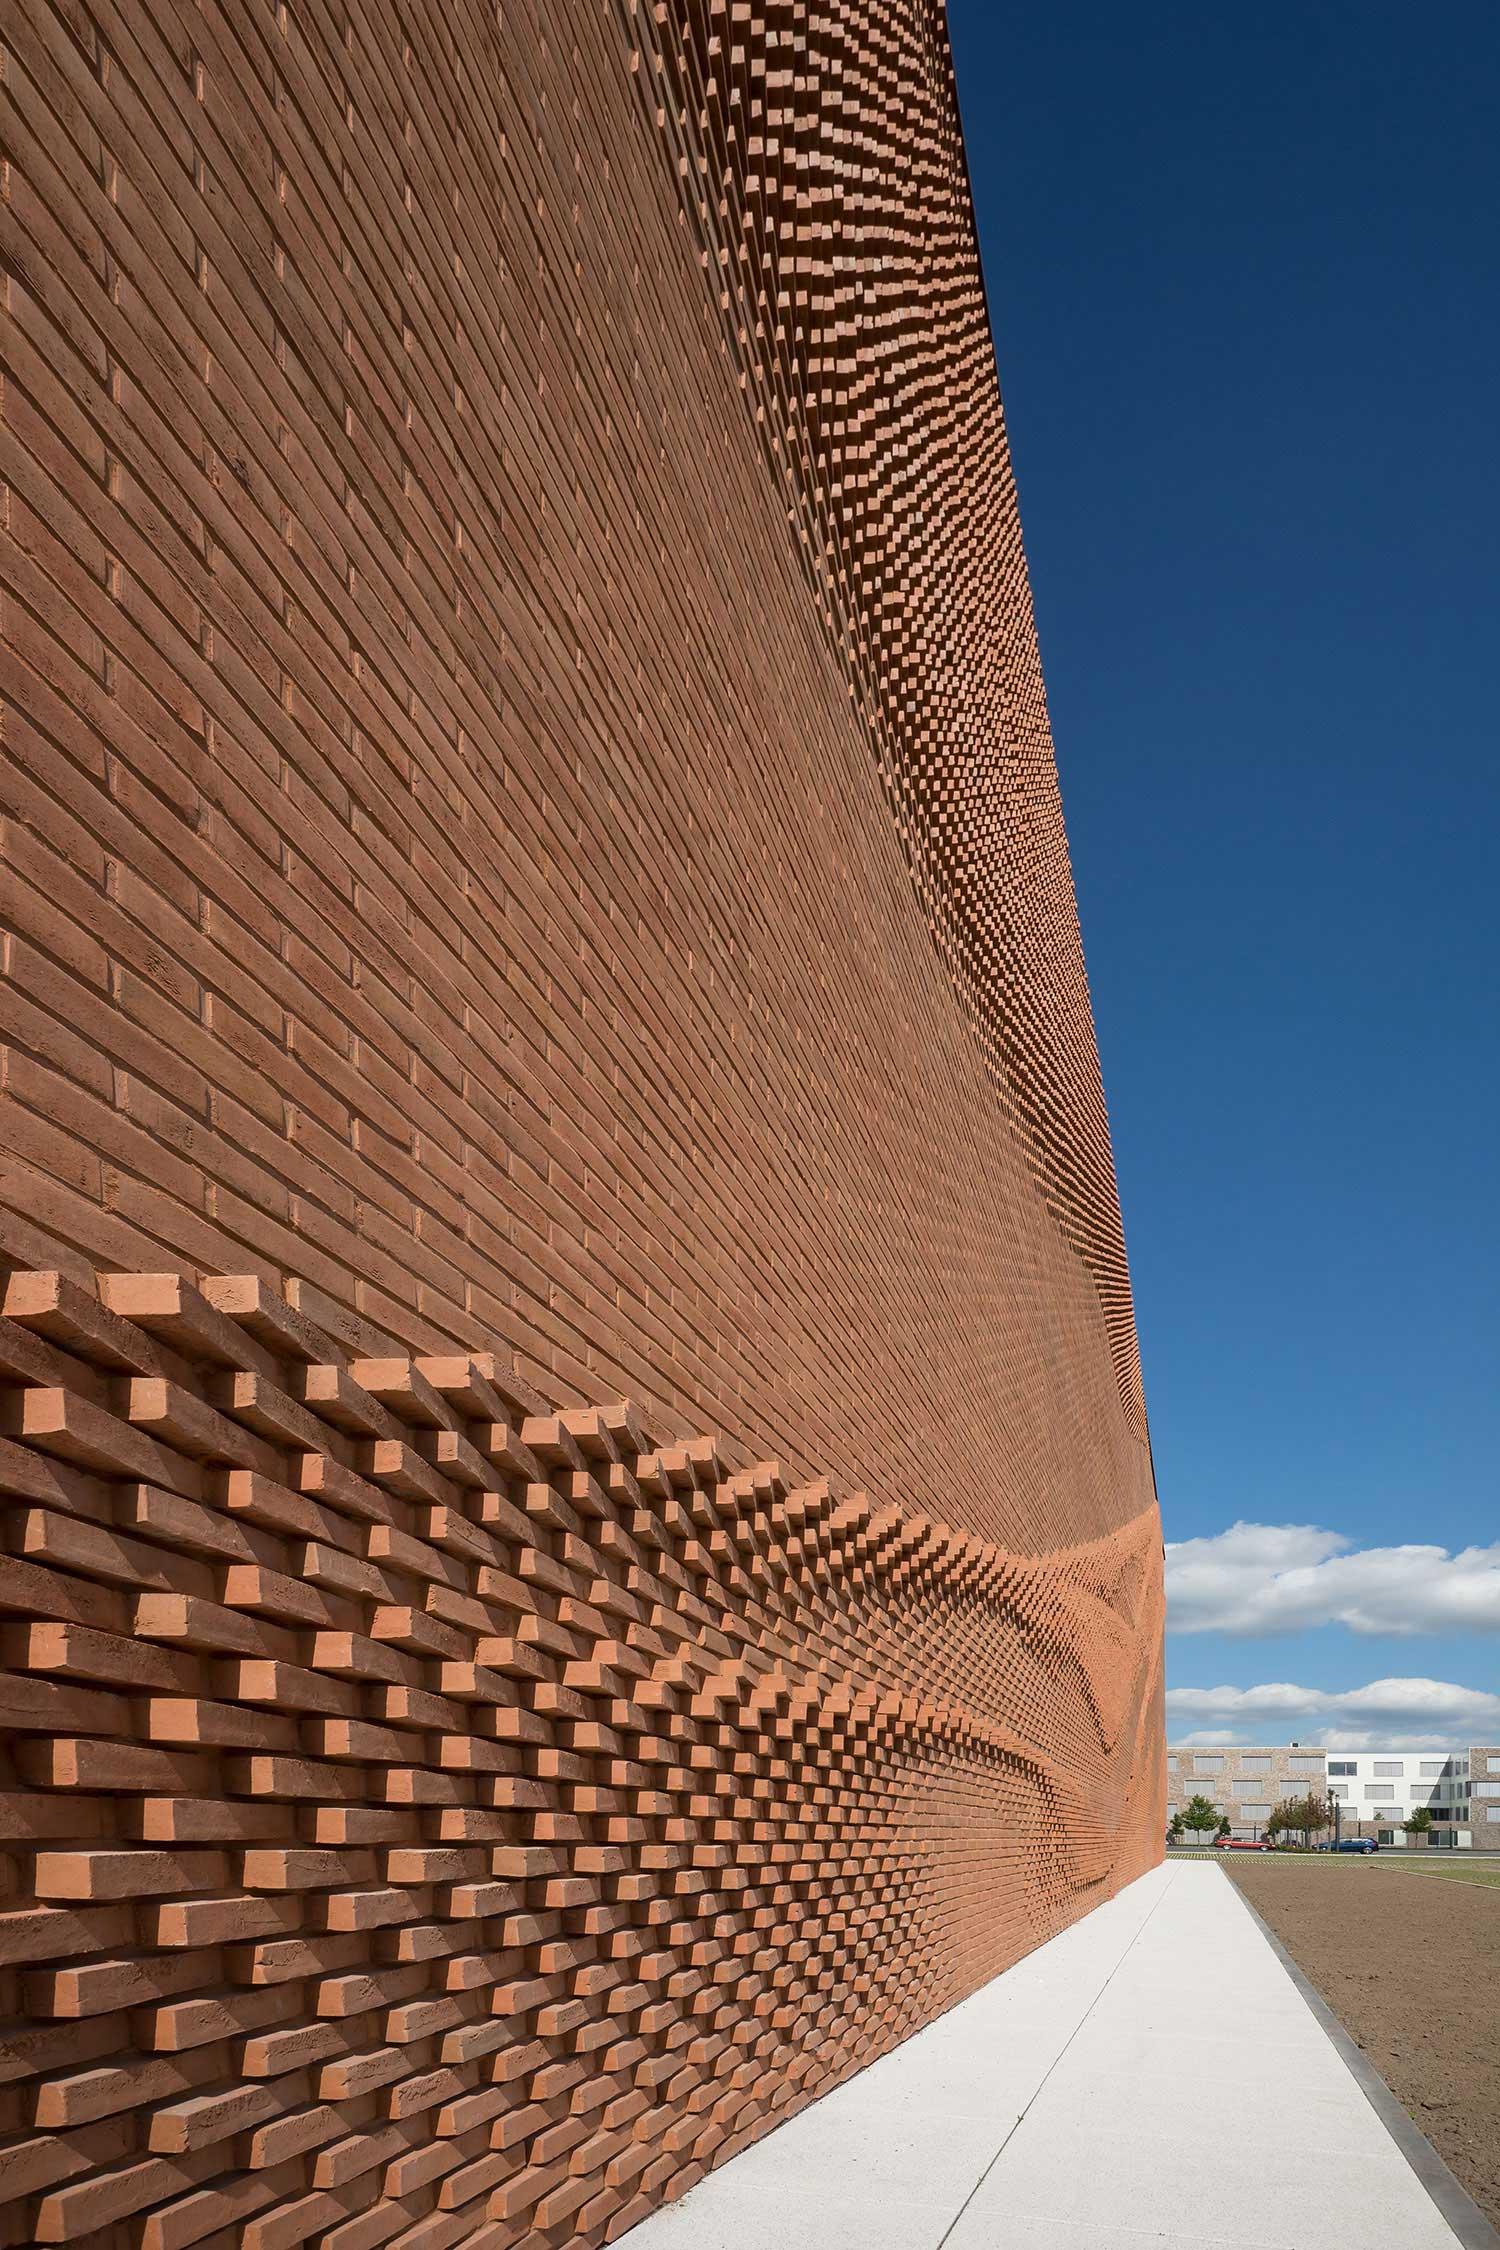 Diese Mauer macht eine La-Ola-Welle VERWALTUNGSGEBAEUDE-TEXTILVERBAND-MUENSTER-WAND_04